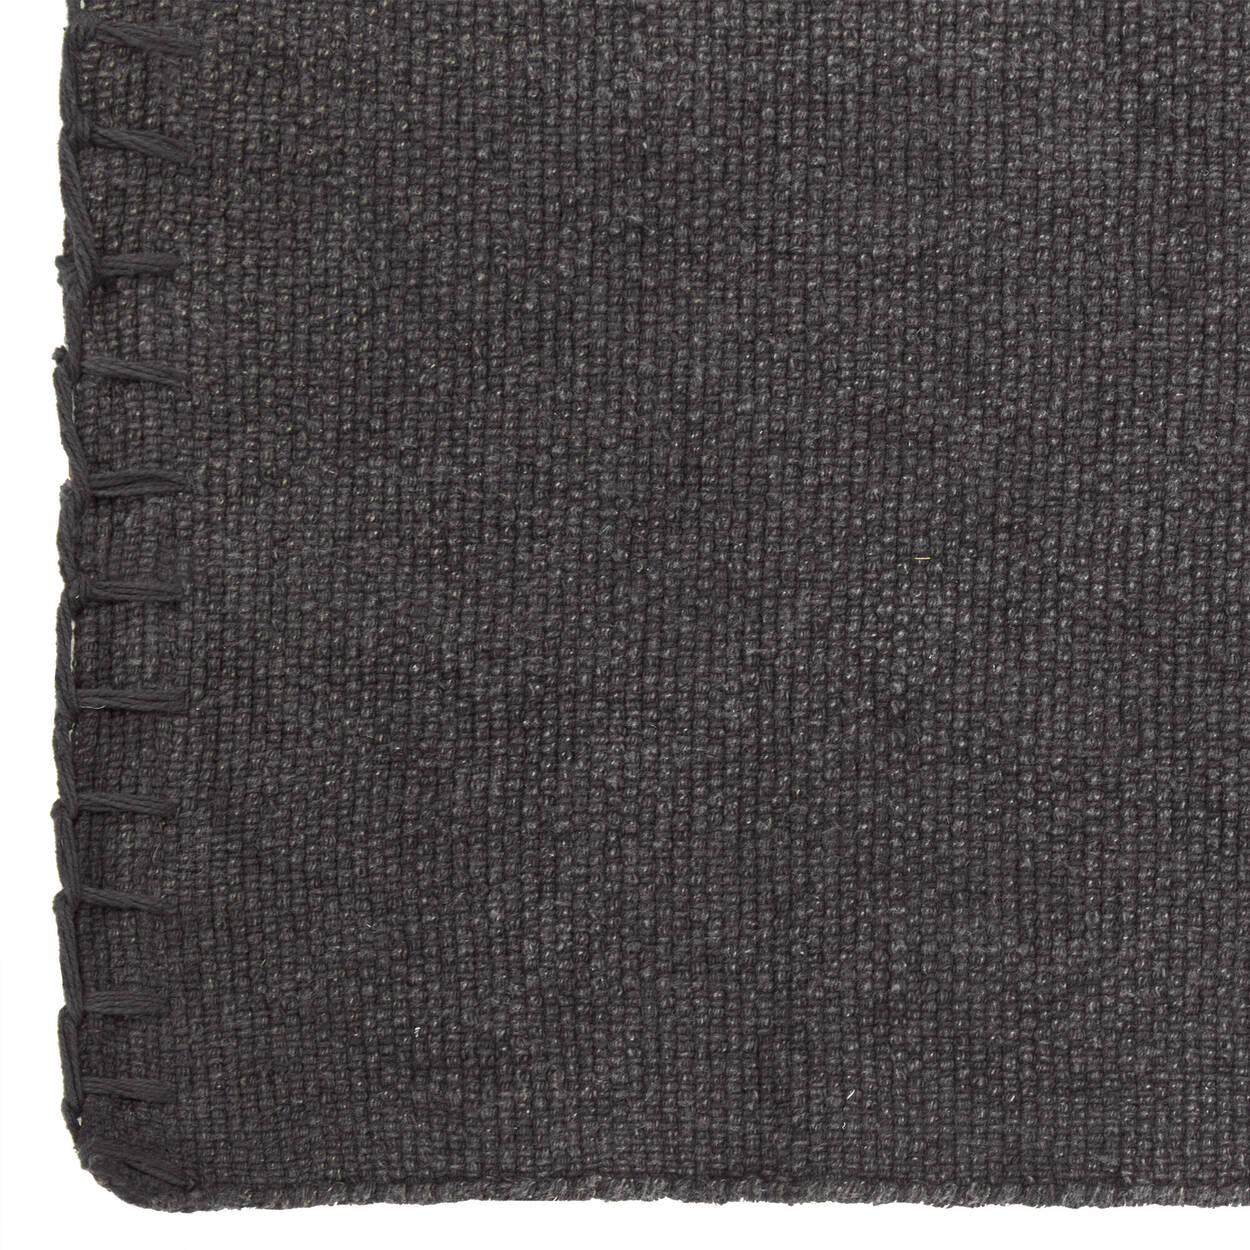 Stonewashed Charcoal Rug